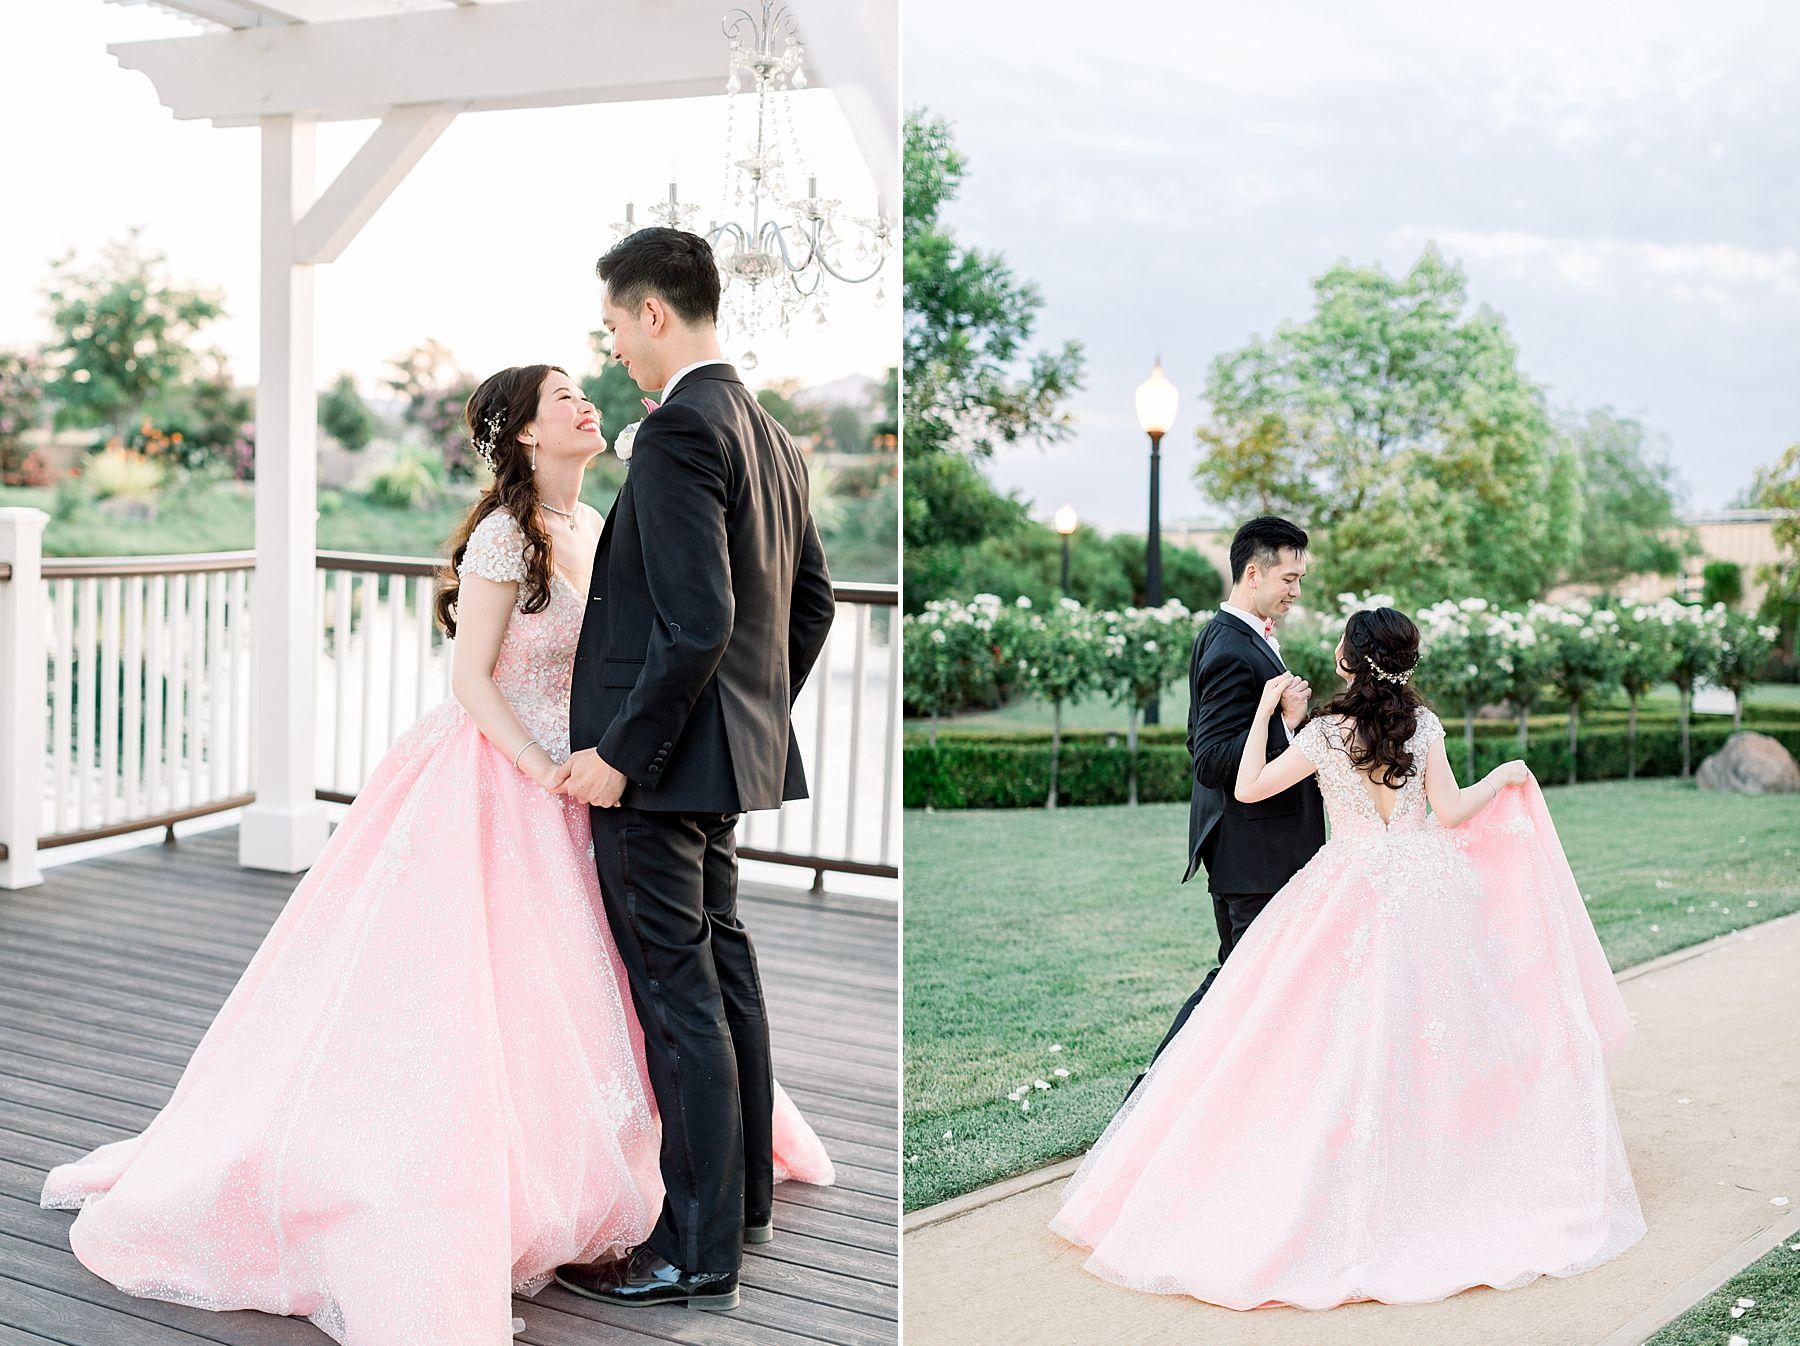 Newberry Estate Vineyards Wedding - Ashley Baumgartner - Jasmine and Johhny - Bay Area Wedding Photographer - Sacramento Wedding Photographer_0049.jpg